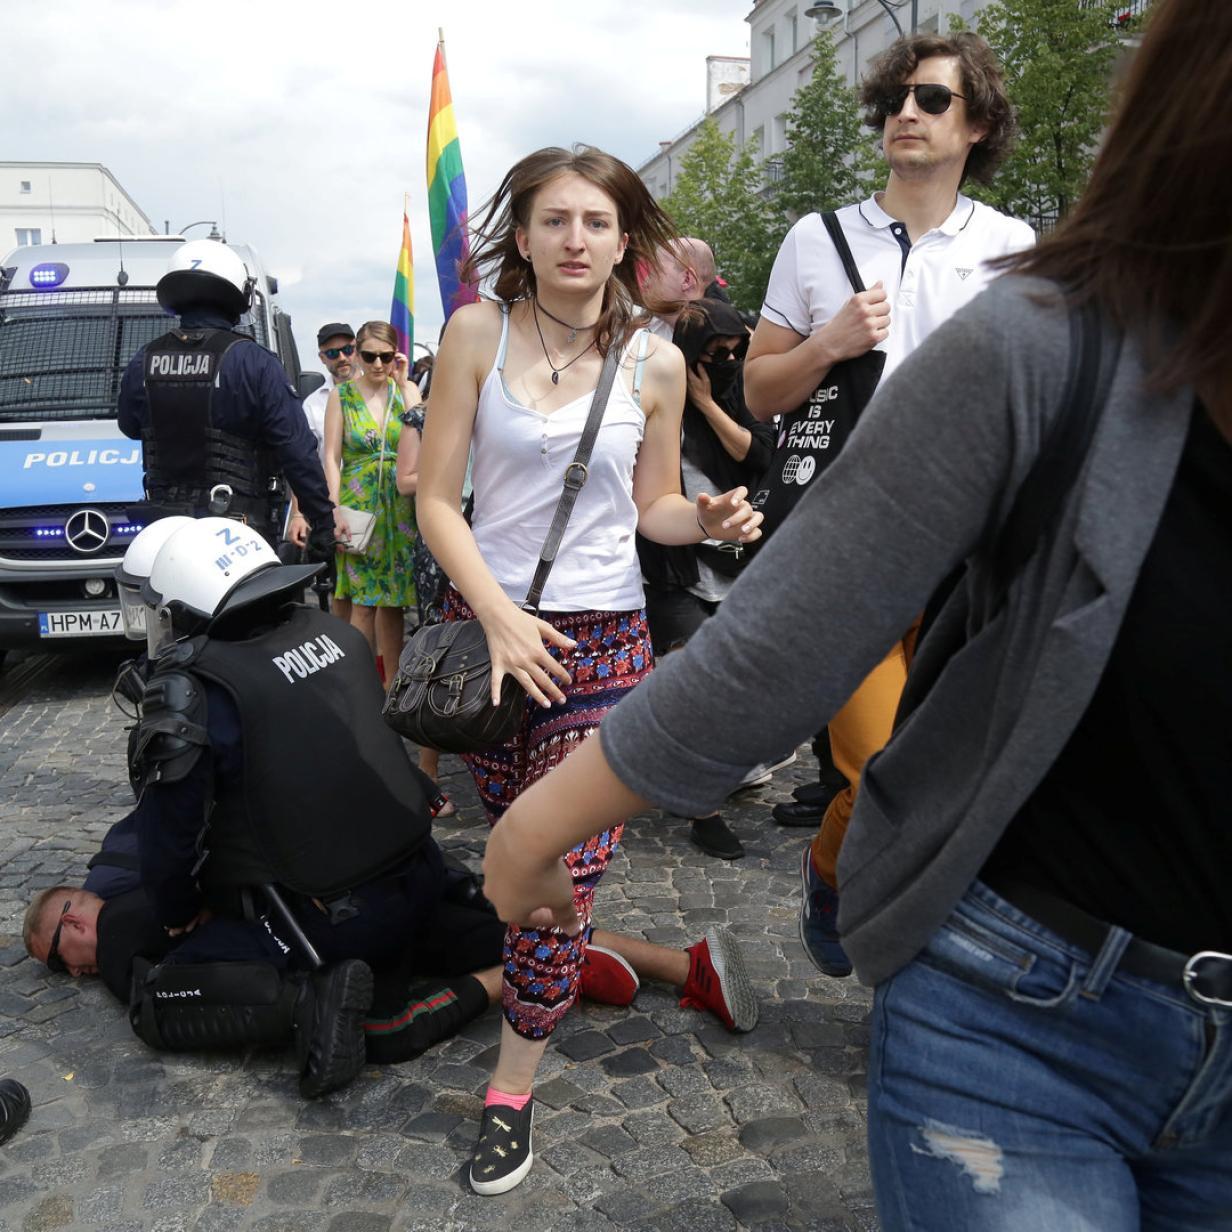 Fußball-Hooligans stürmen Parade für Homosexuelle